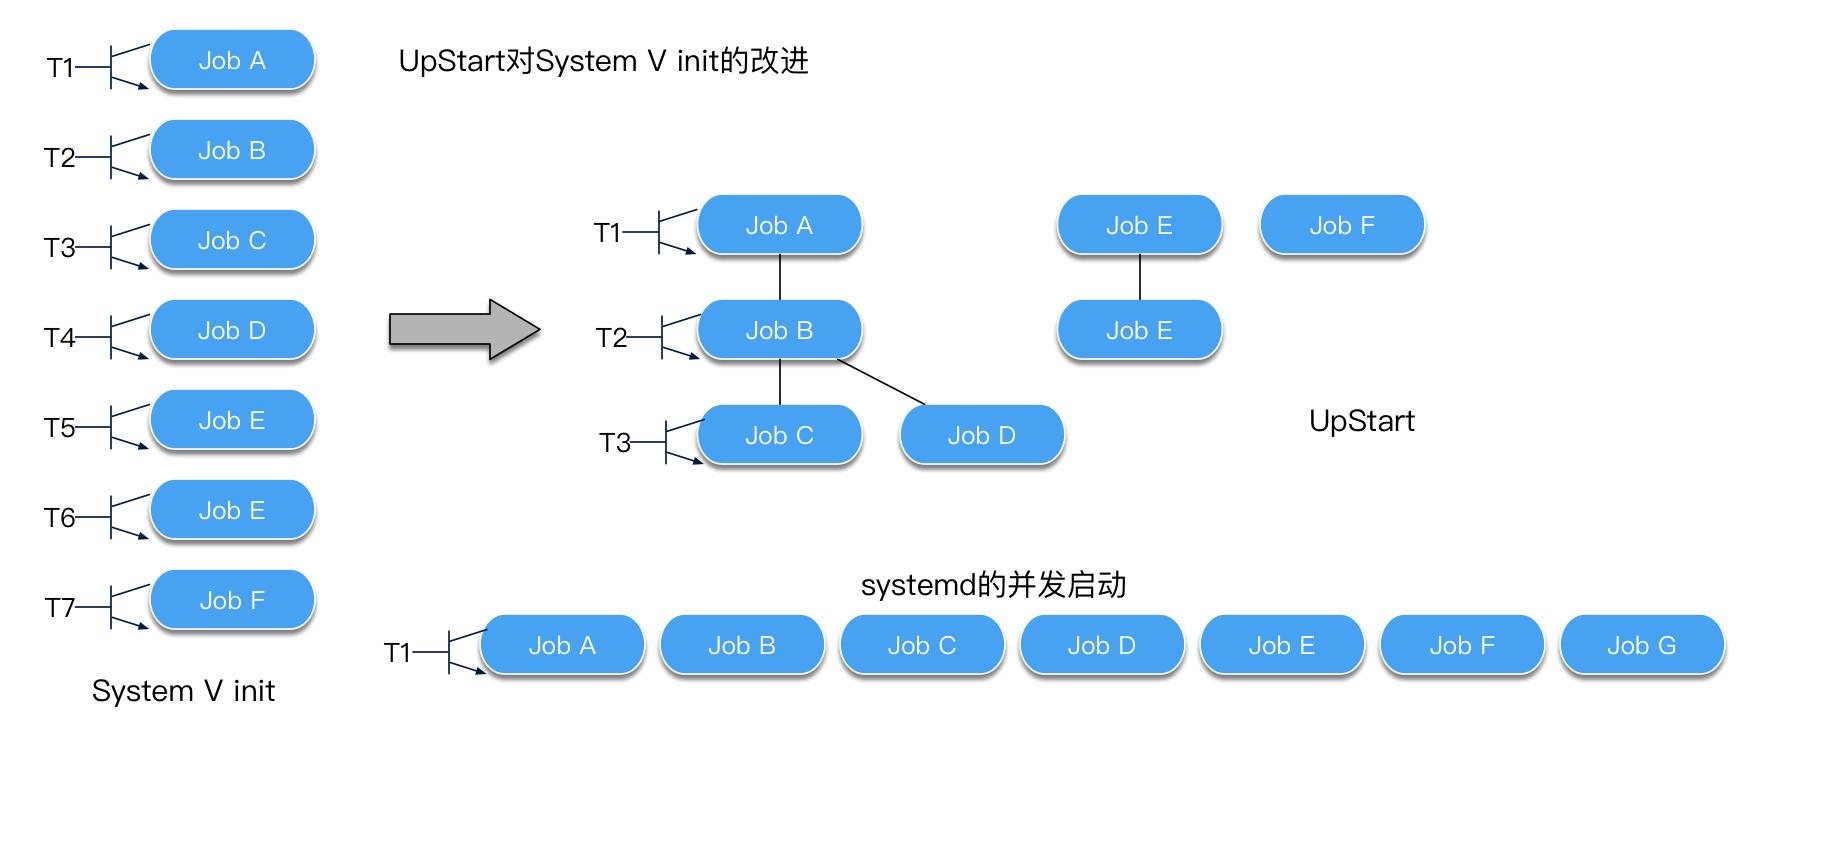 System V init Vs UpStart Vs Systemd